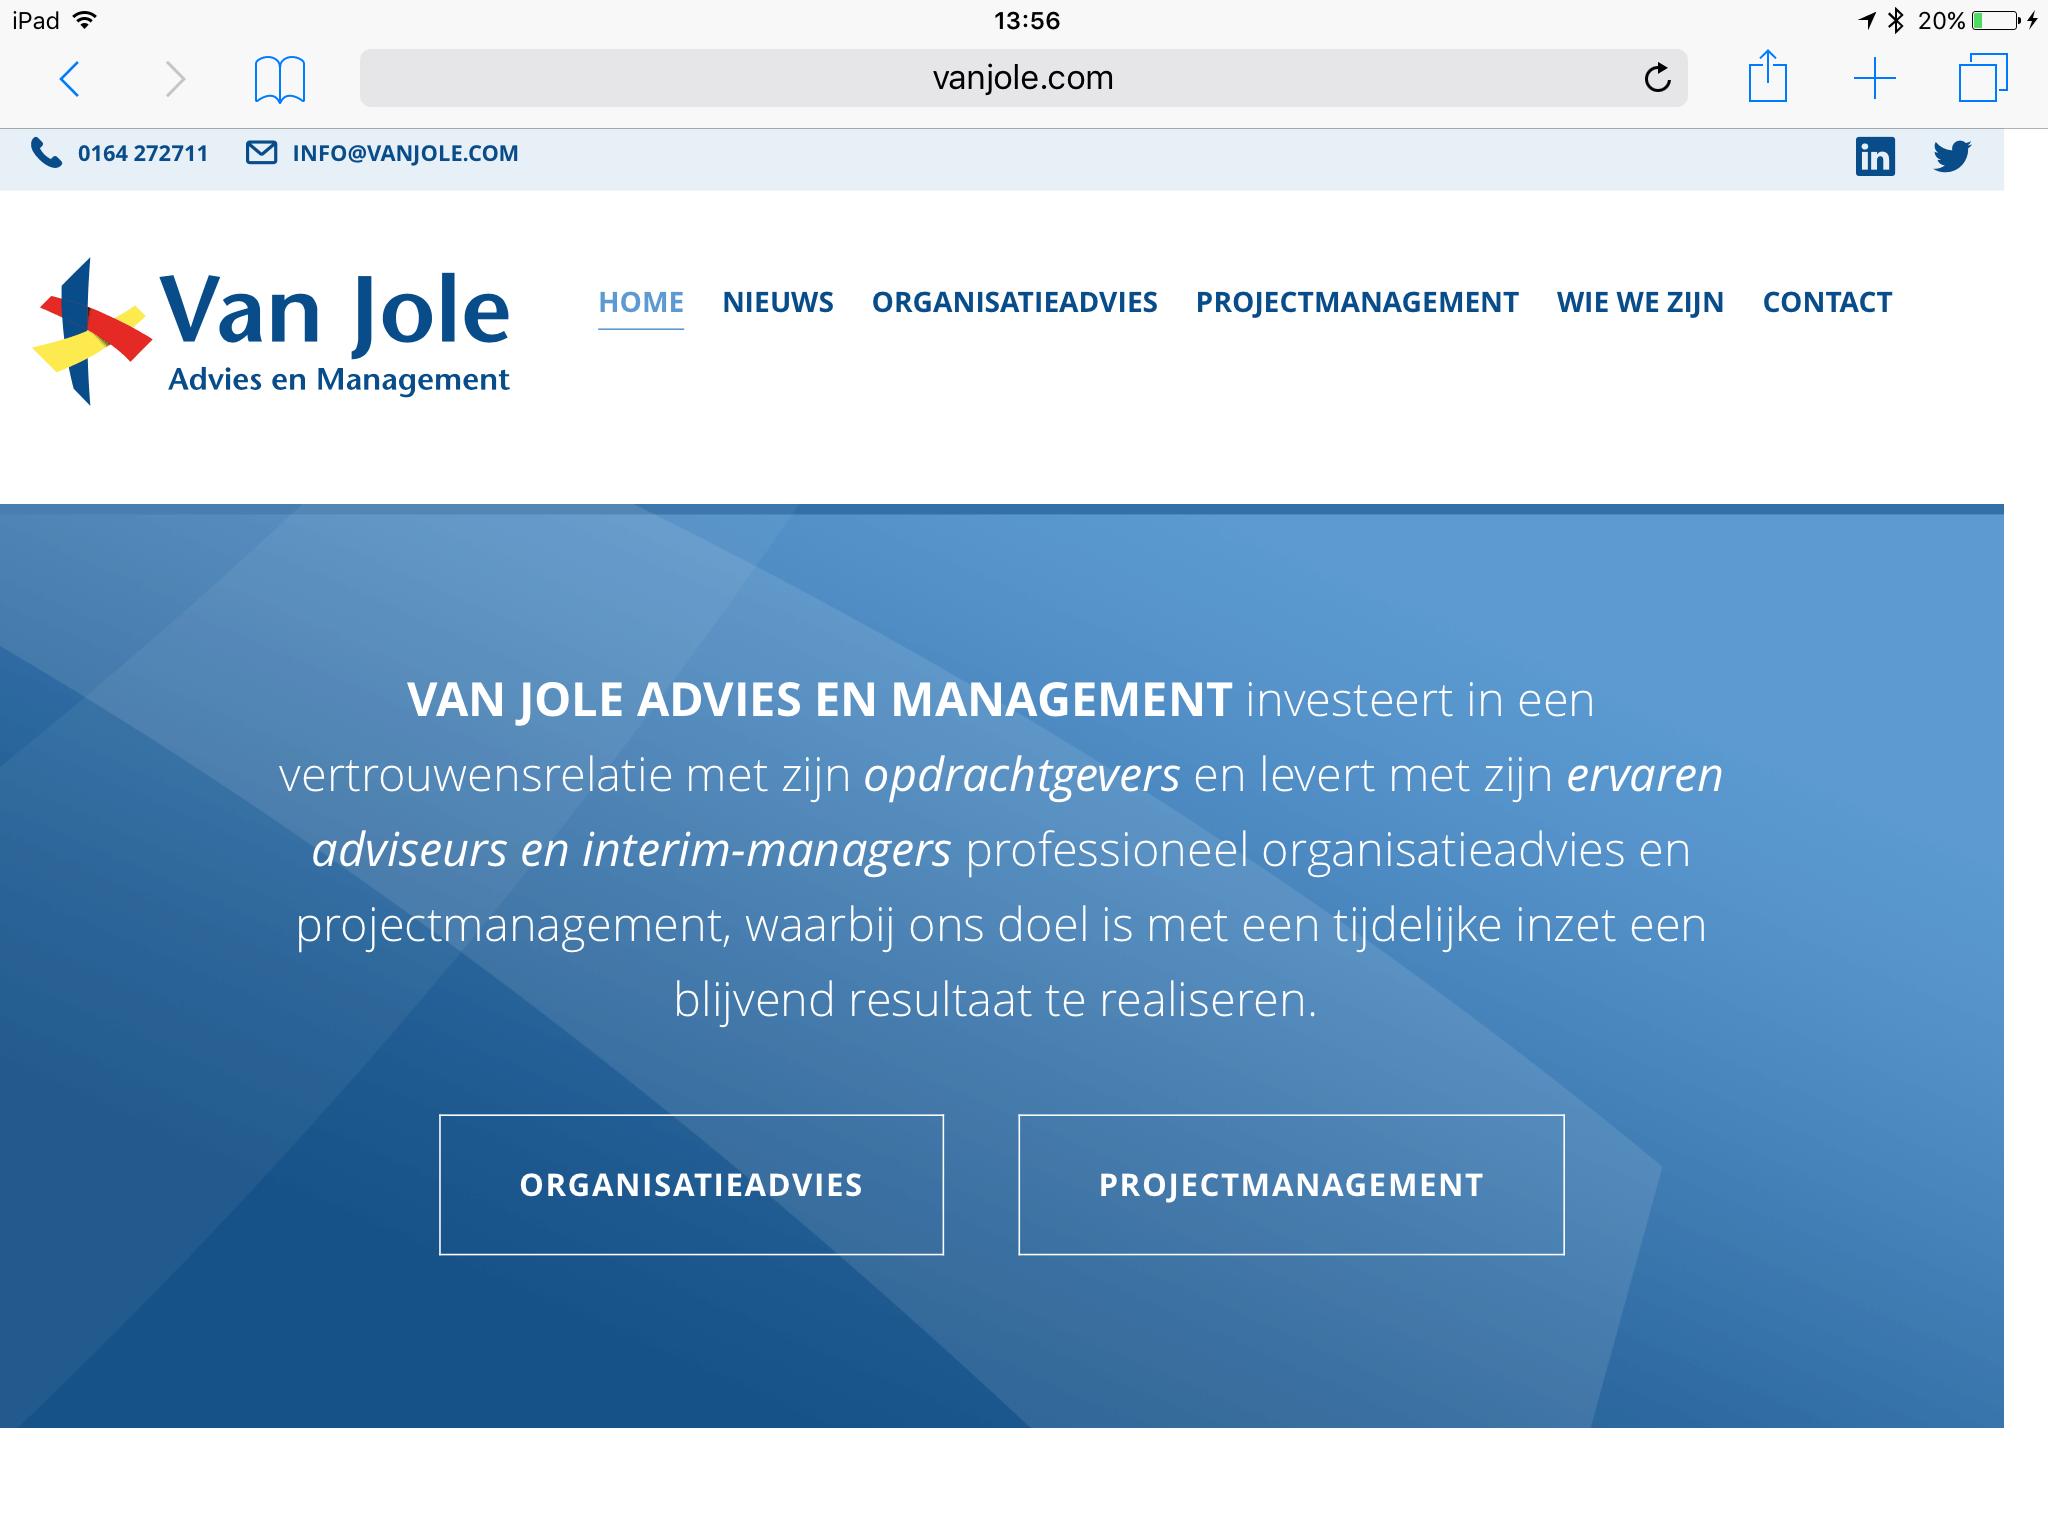 Nieuwe responsive website (tablet) Van Jole, Advies en Management